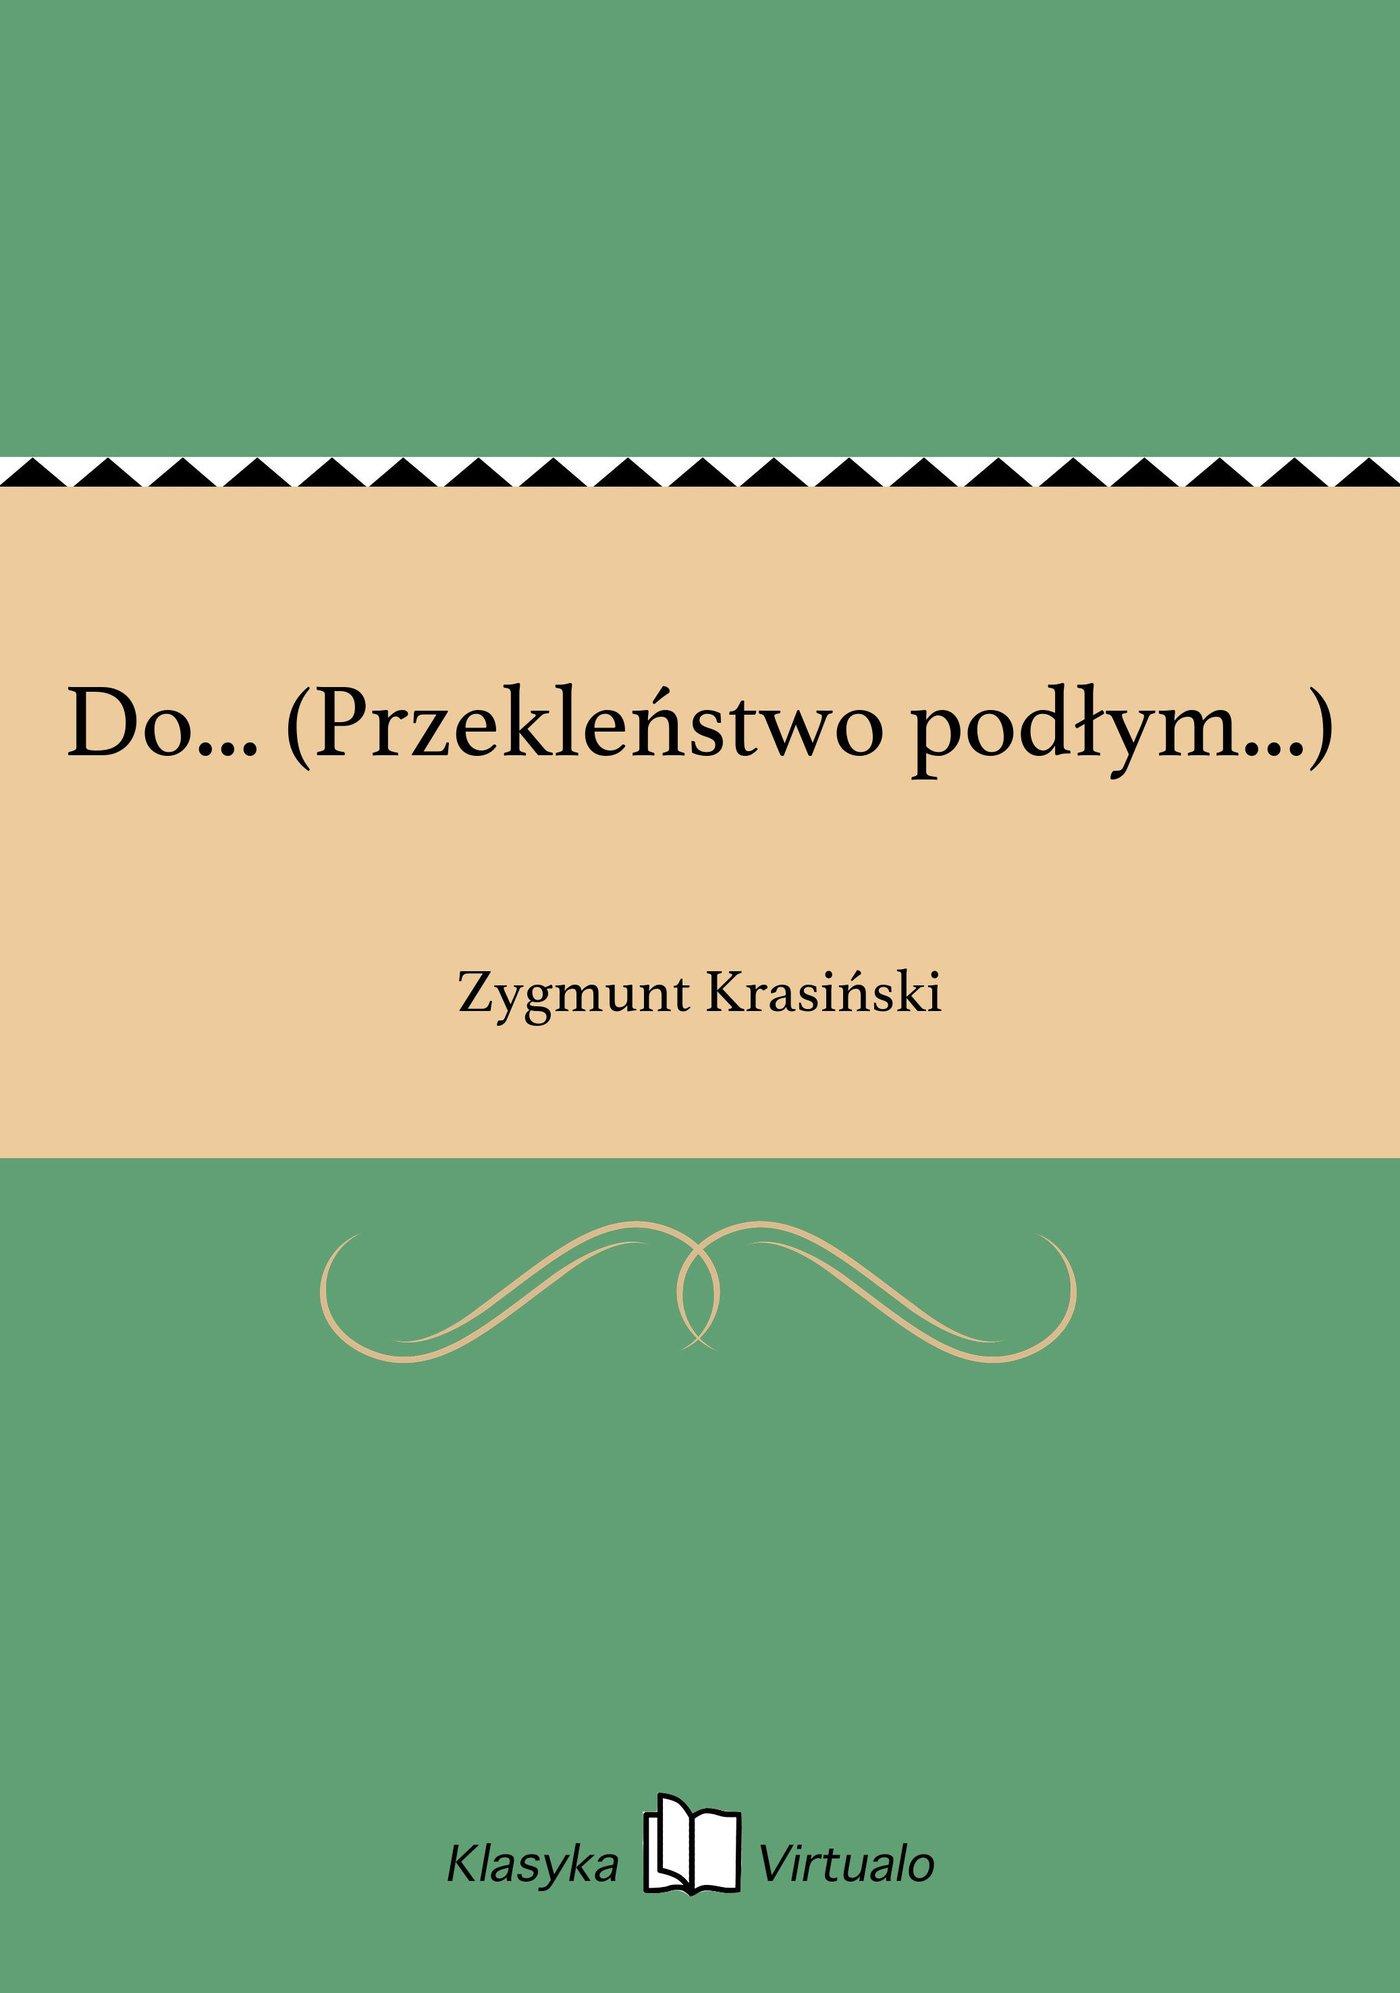 Do... (Przekleństwo podłym...) - Ebook (Książka na Kindle) do pobrania w formacie MOBI